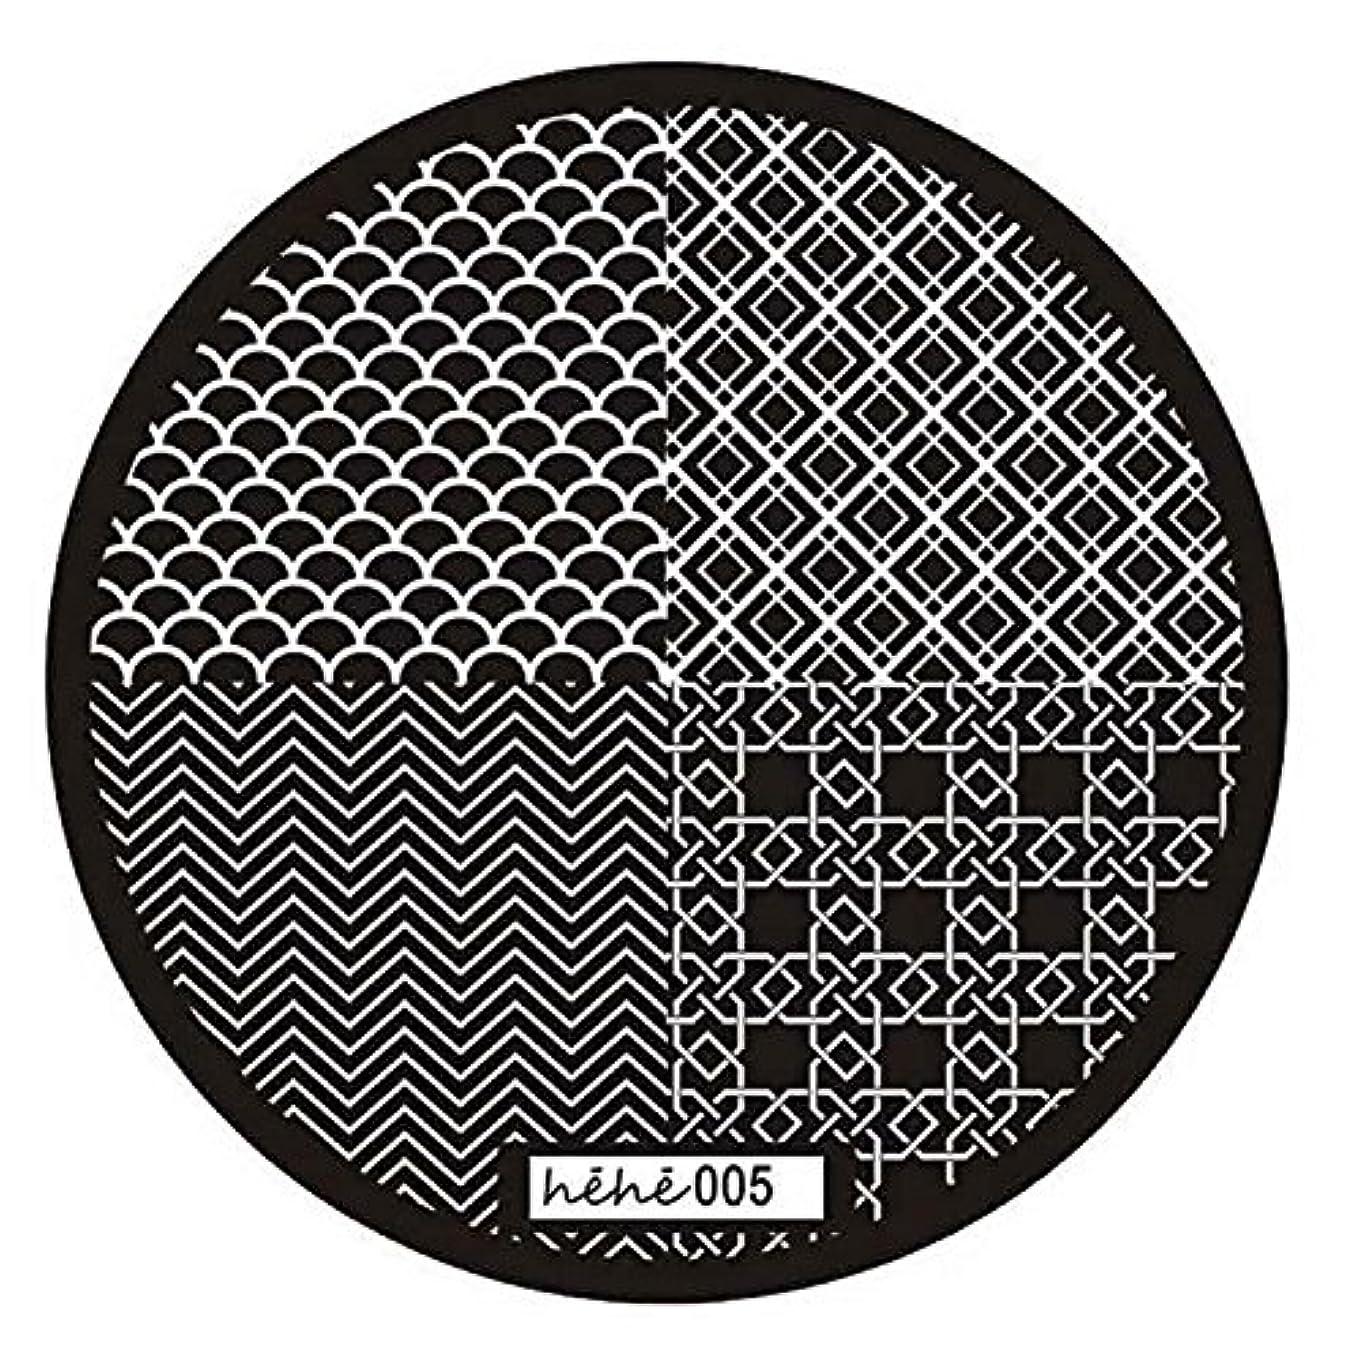 カップ深める混合SODIAL ネイルアート イメージスタンププレート マニキュアテンプレート 005